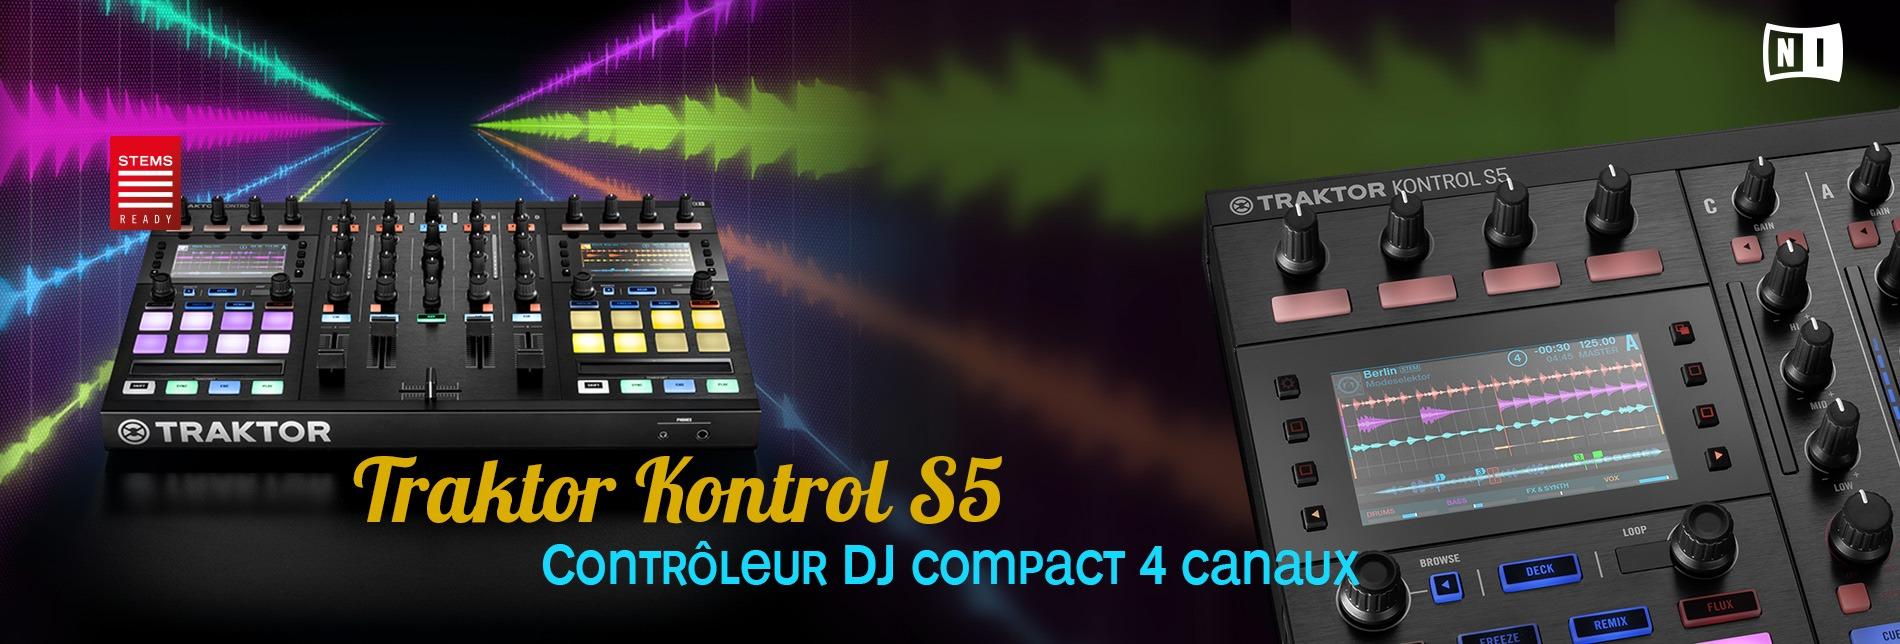 Native Instruments, Traktor Kontrol S5, contrôleur DJ 4 canaux